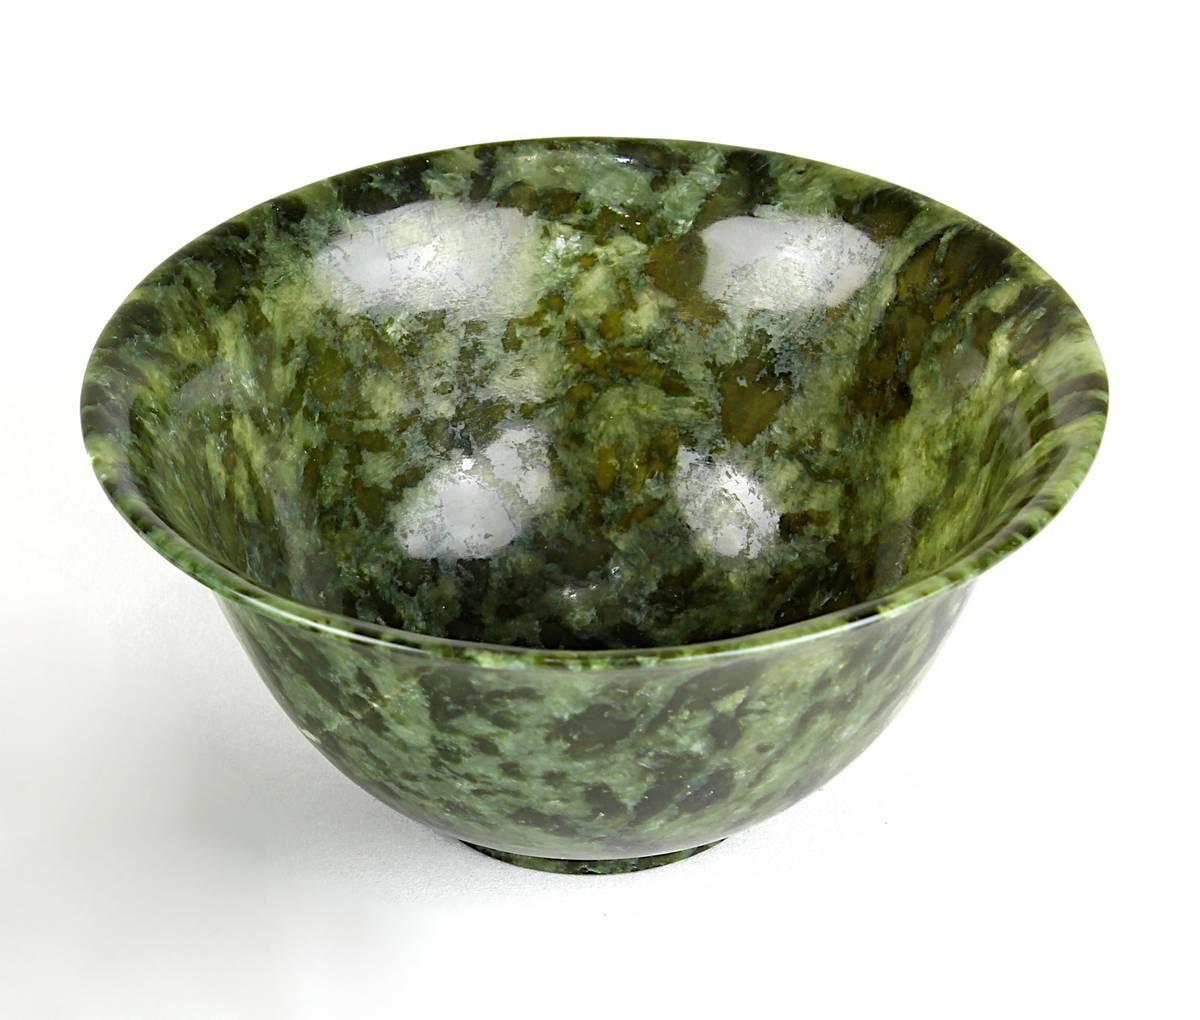 1-0037 - Chinesisches Jade-Koppchen, 1. H. 20. Jh. Image